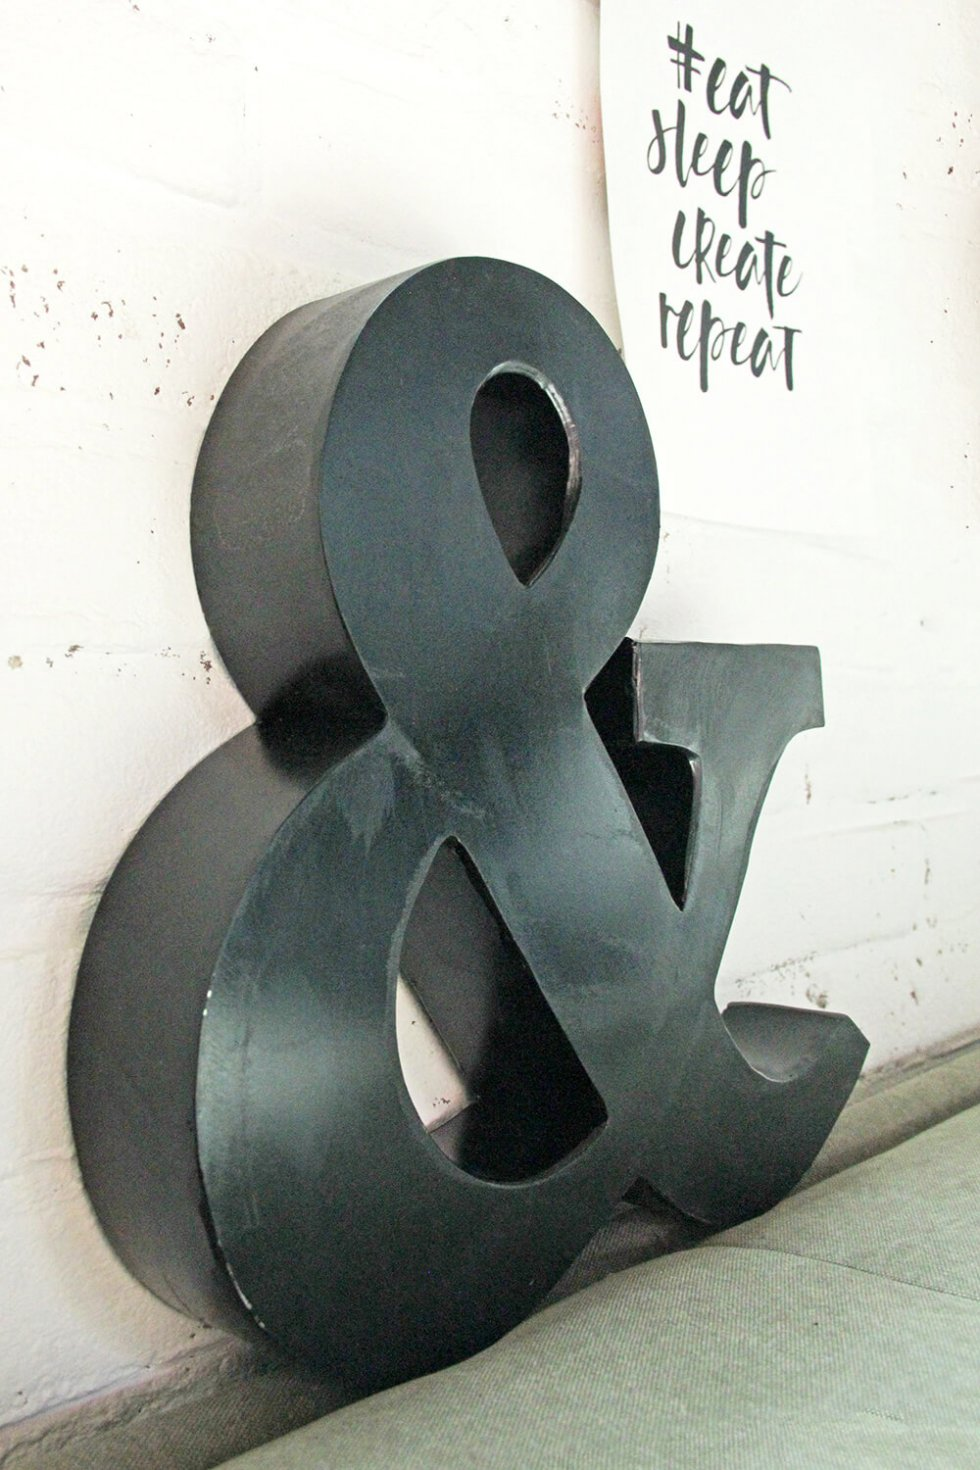 Ampersand of en-teken van ijzer bij quip&Co